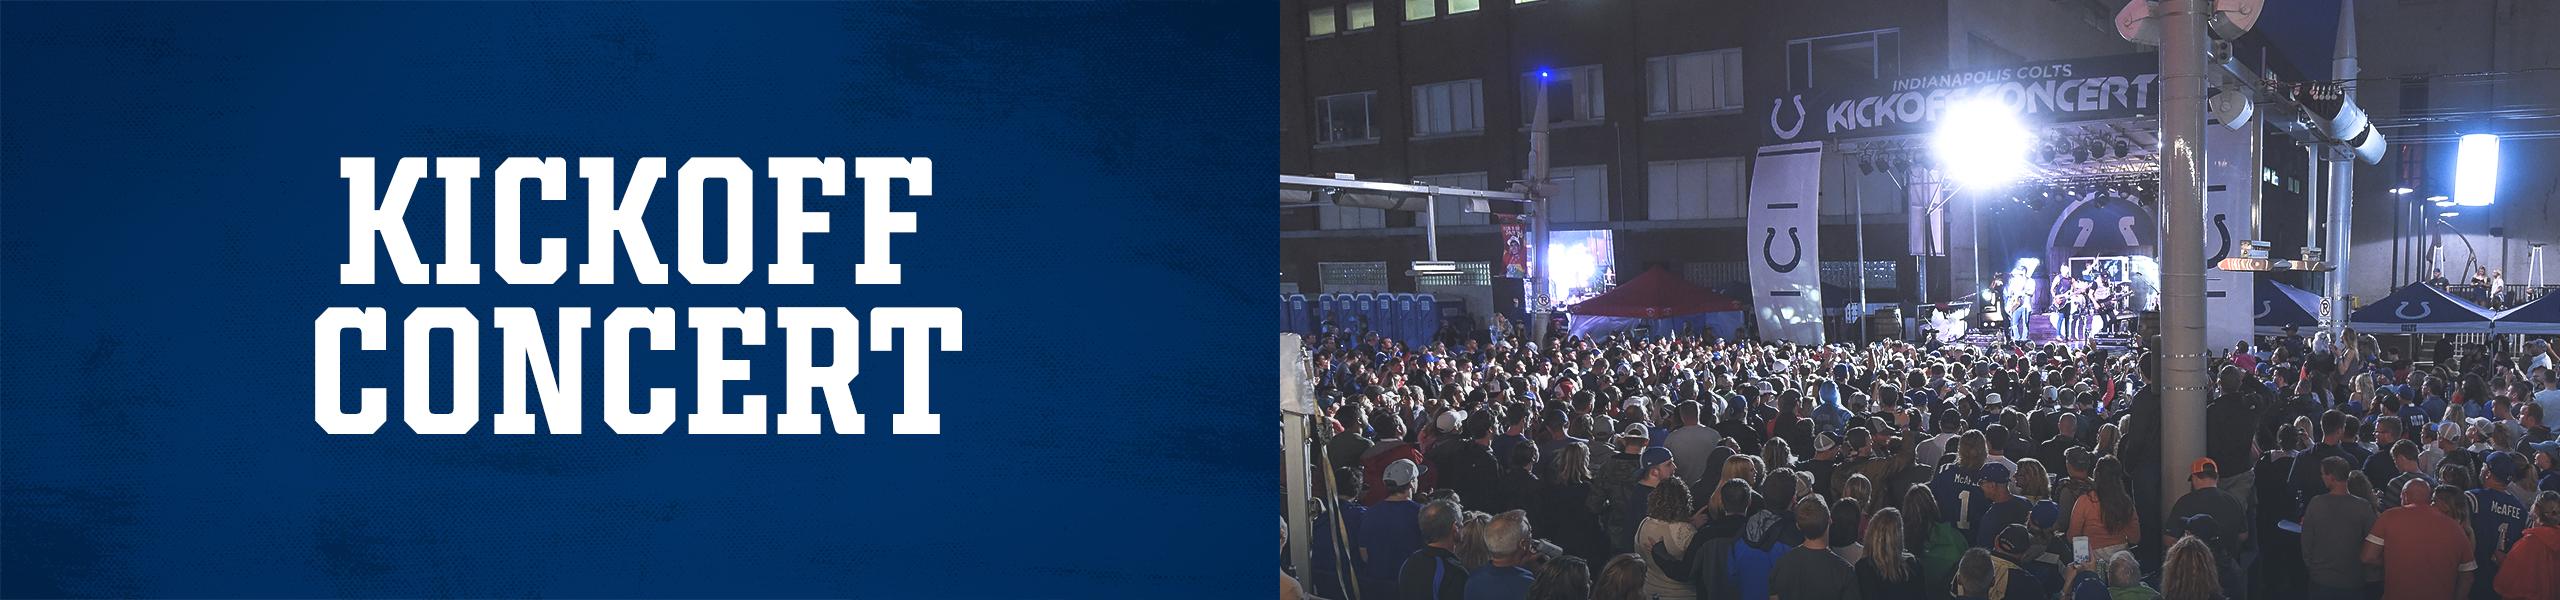 Indianapolis Colts Kickoff Concert